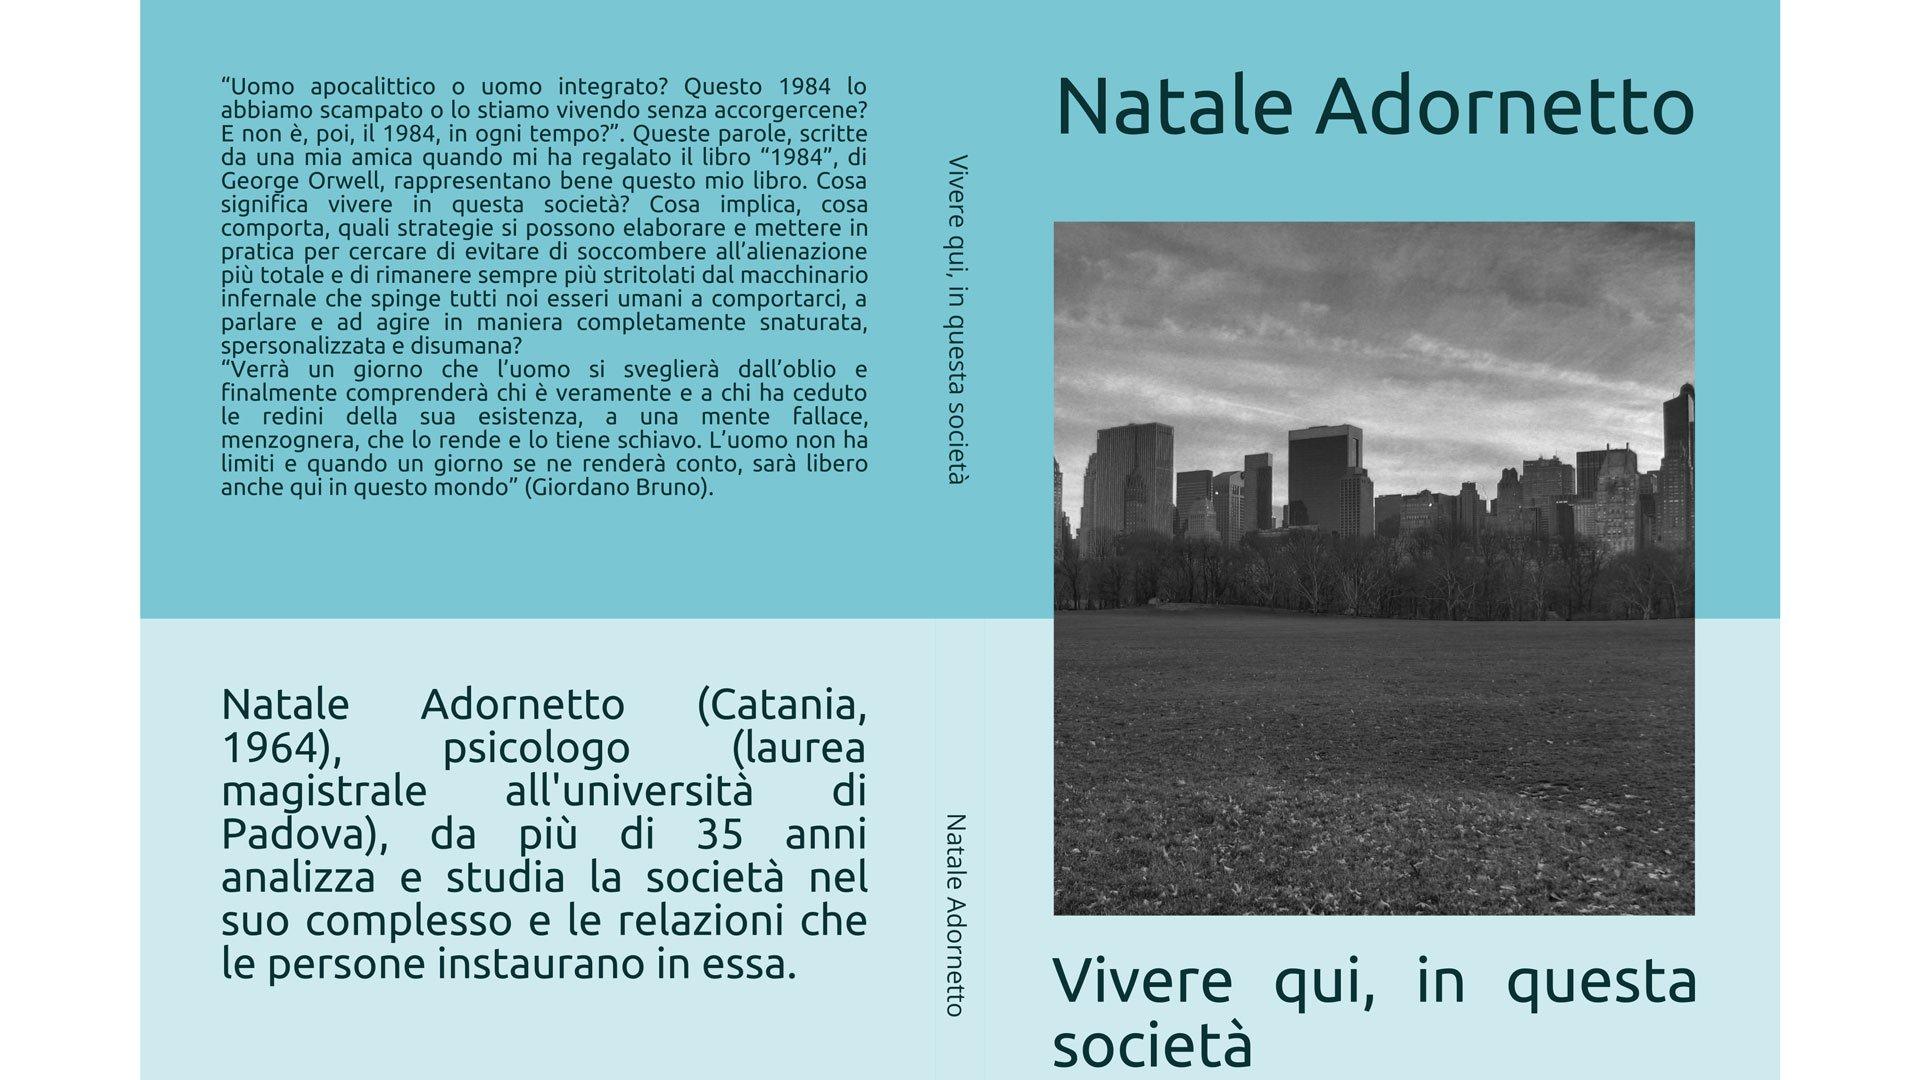 Teatro Coppola Catania natale